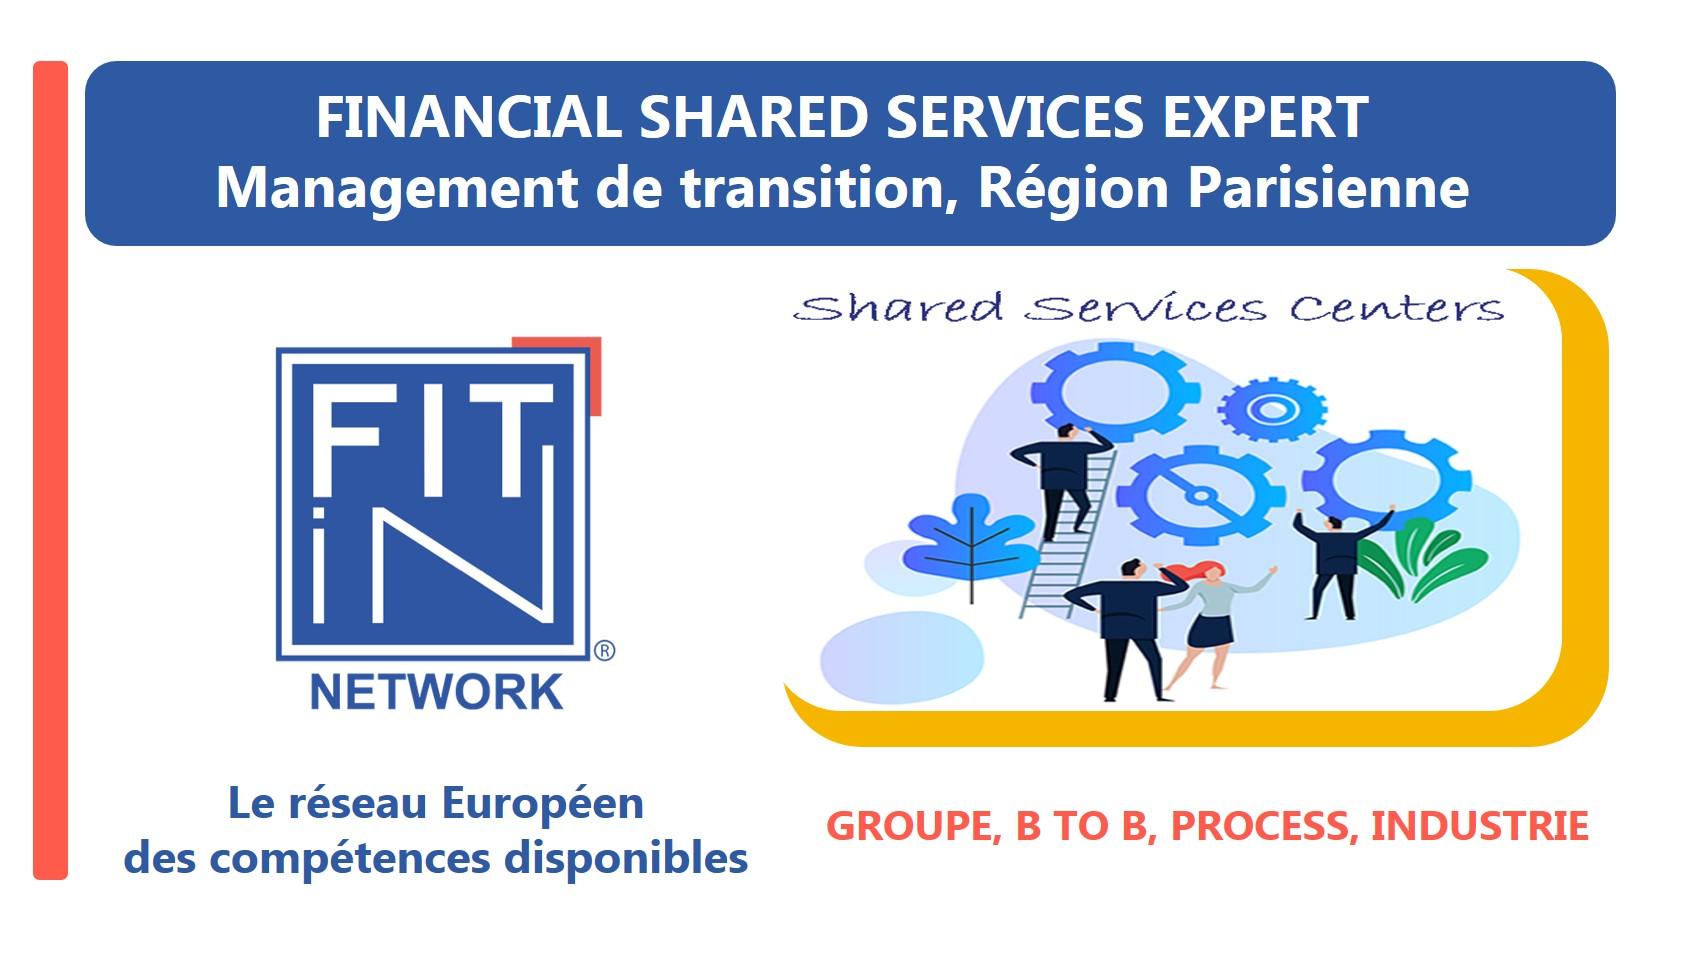 FIT in NETWORK® - Recherche un FINANCIAL SHARED SERVICES PROCESS EXPERT pour rejoindre un groupe international, pour participer à un projet de transformation.